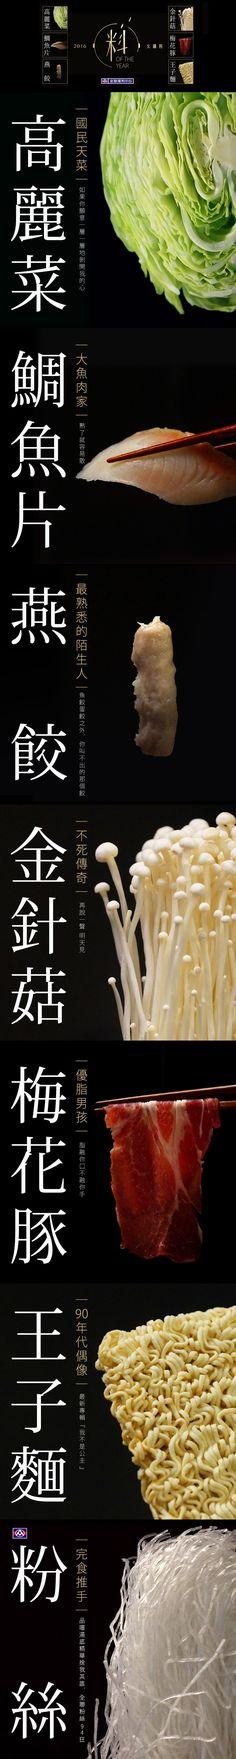 #全聯 【料 OF THE YEAR│ #火鍋界頂級榮譽】